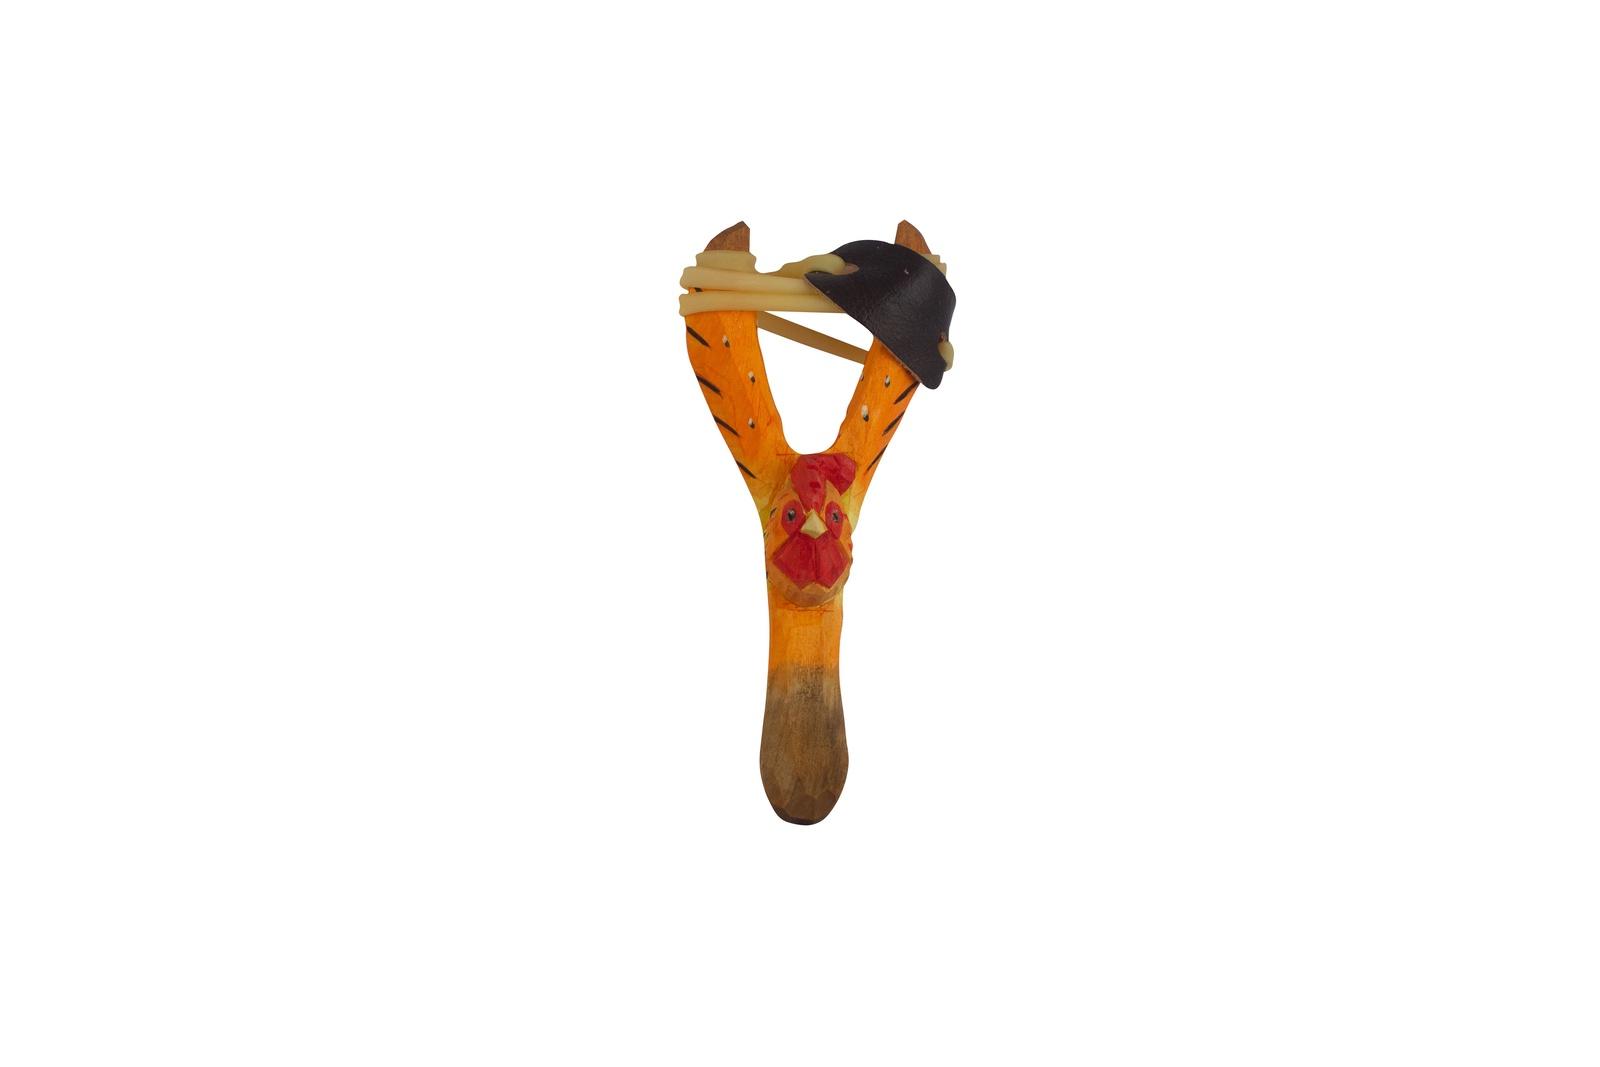 Рогатка игрушечная Molly&Pops Петух, 2000000001814 коричневый рогатка игрушечная molly